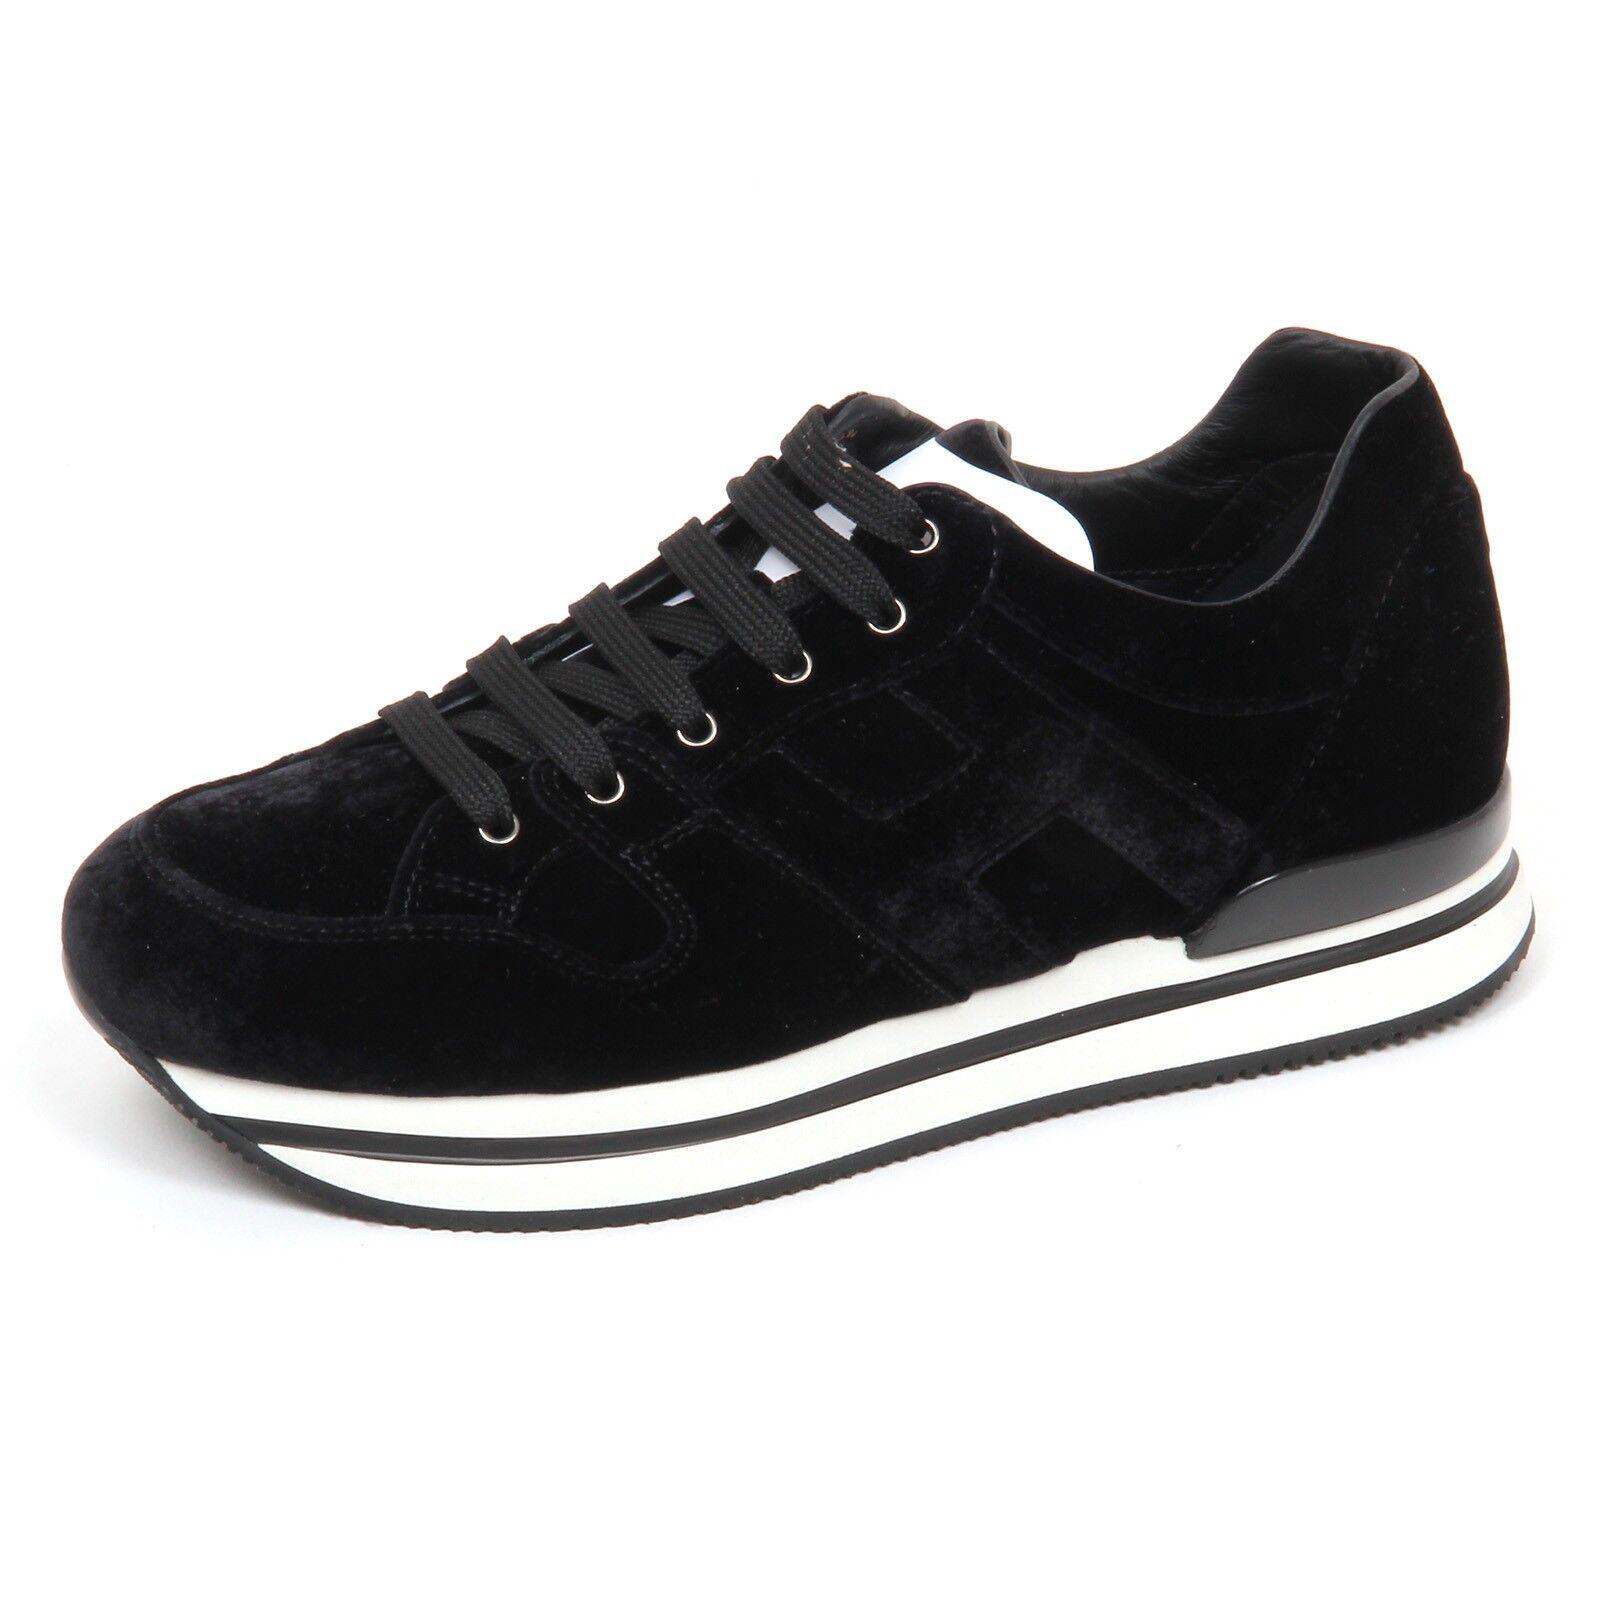 E2980 sneaker donna velvet HOGAN H222 scarpe  velluto shoe woman